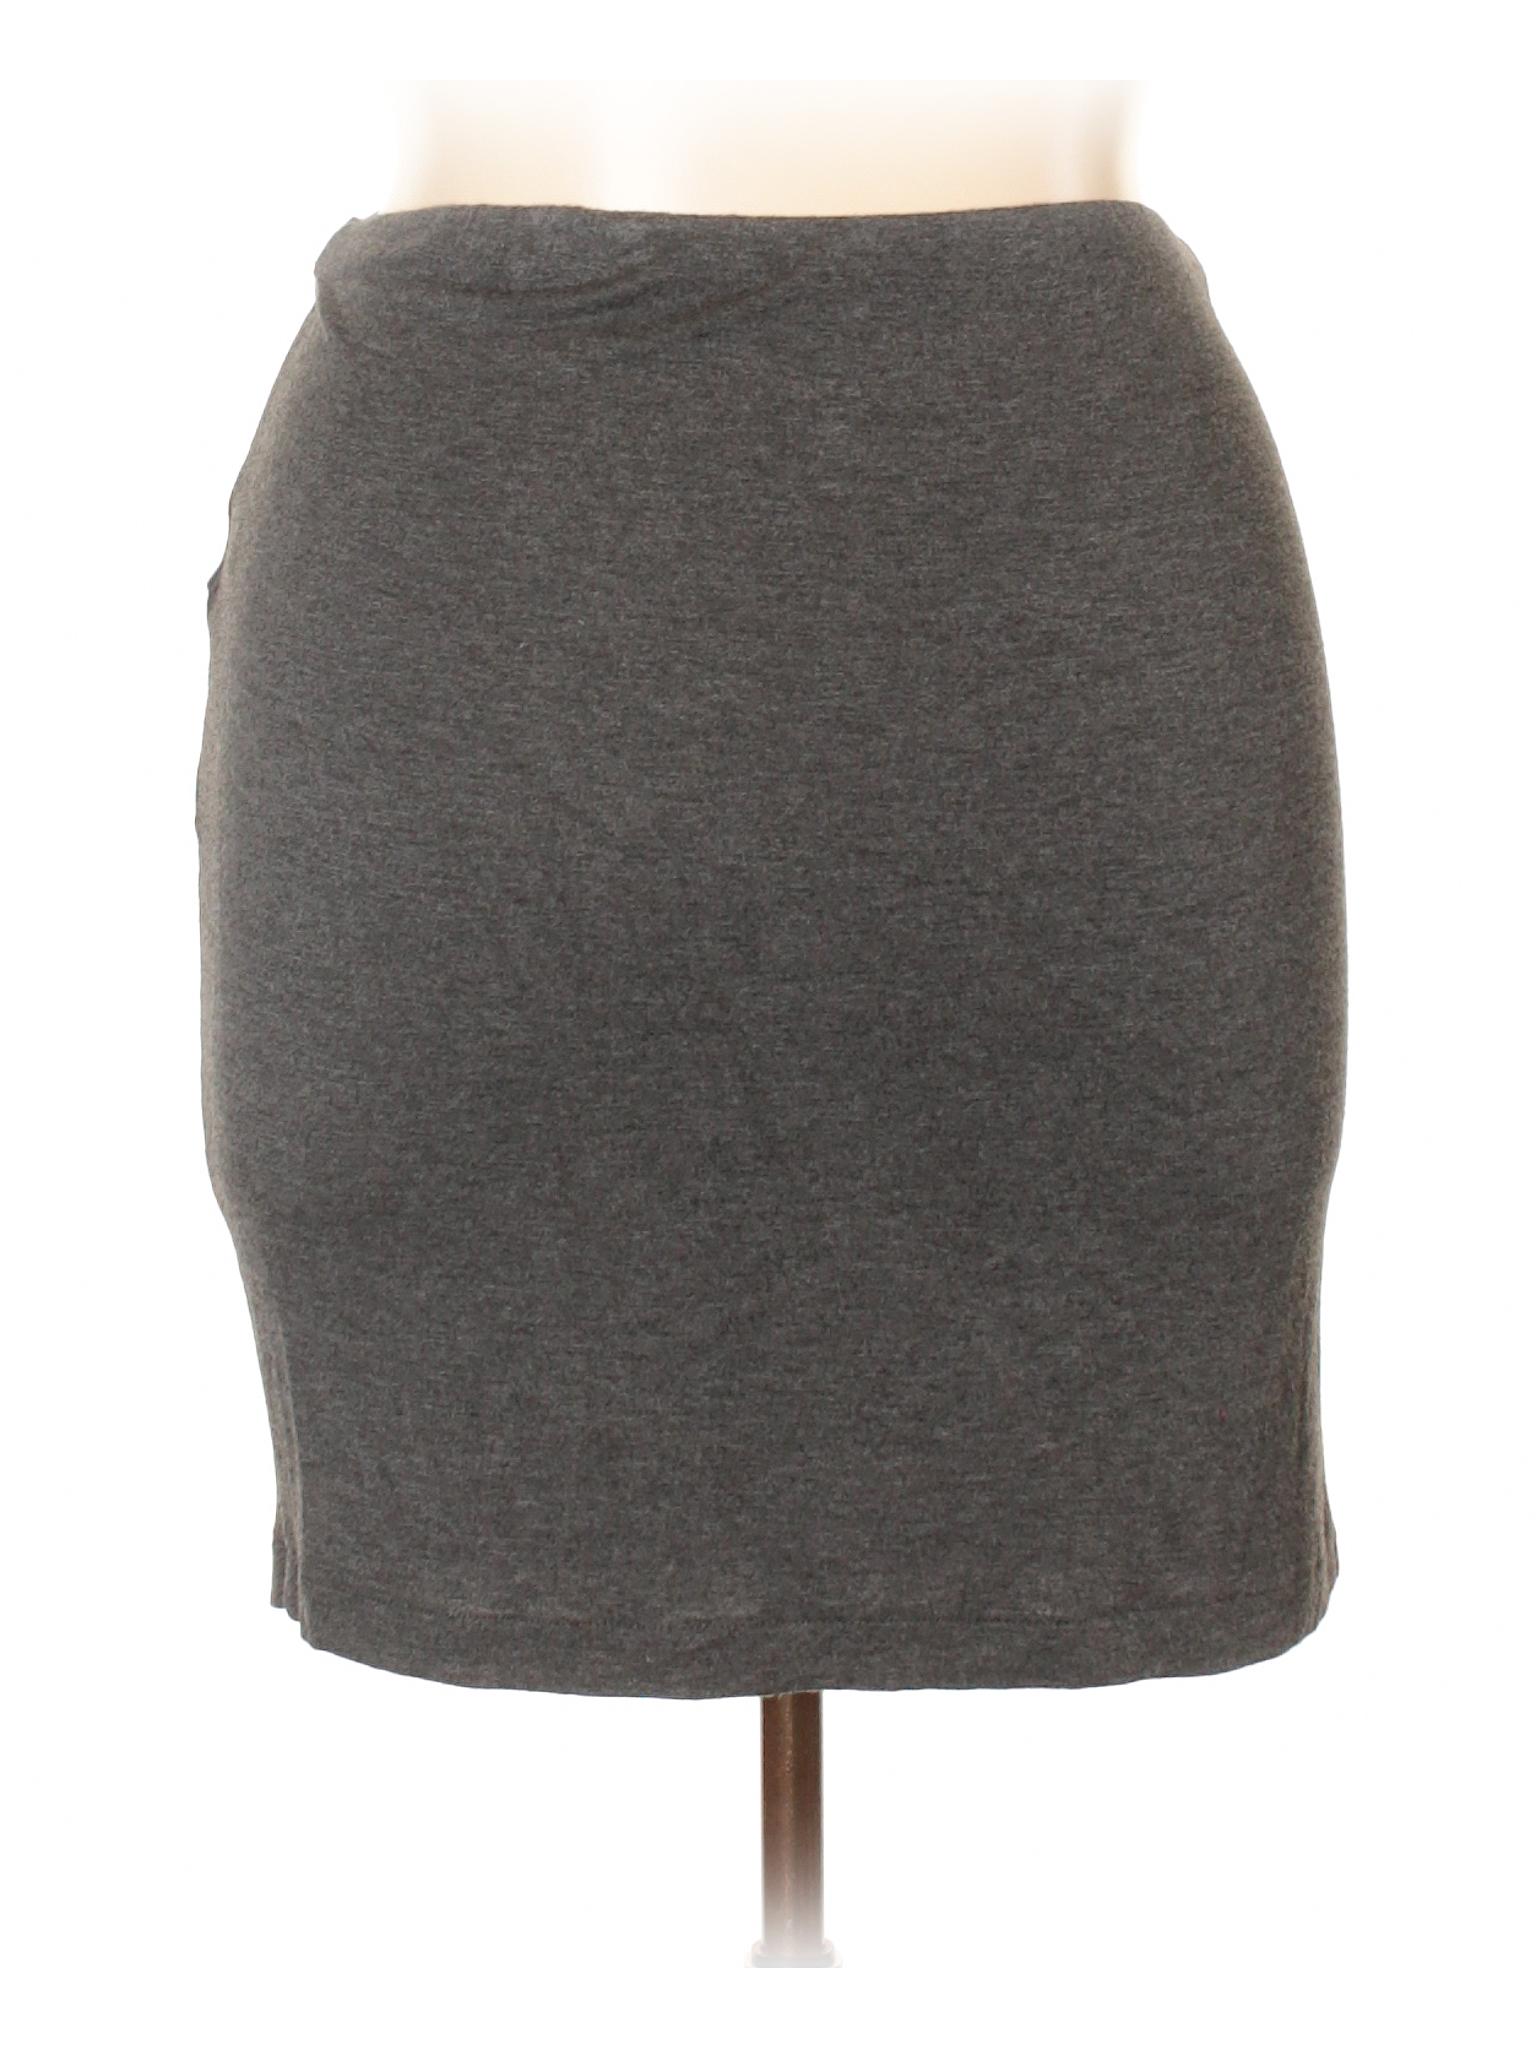 Casual Approach New a n Leisure Skirt a winter A Bp0qnPRw